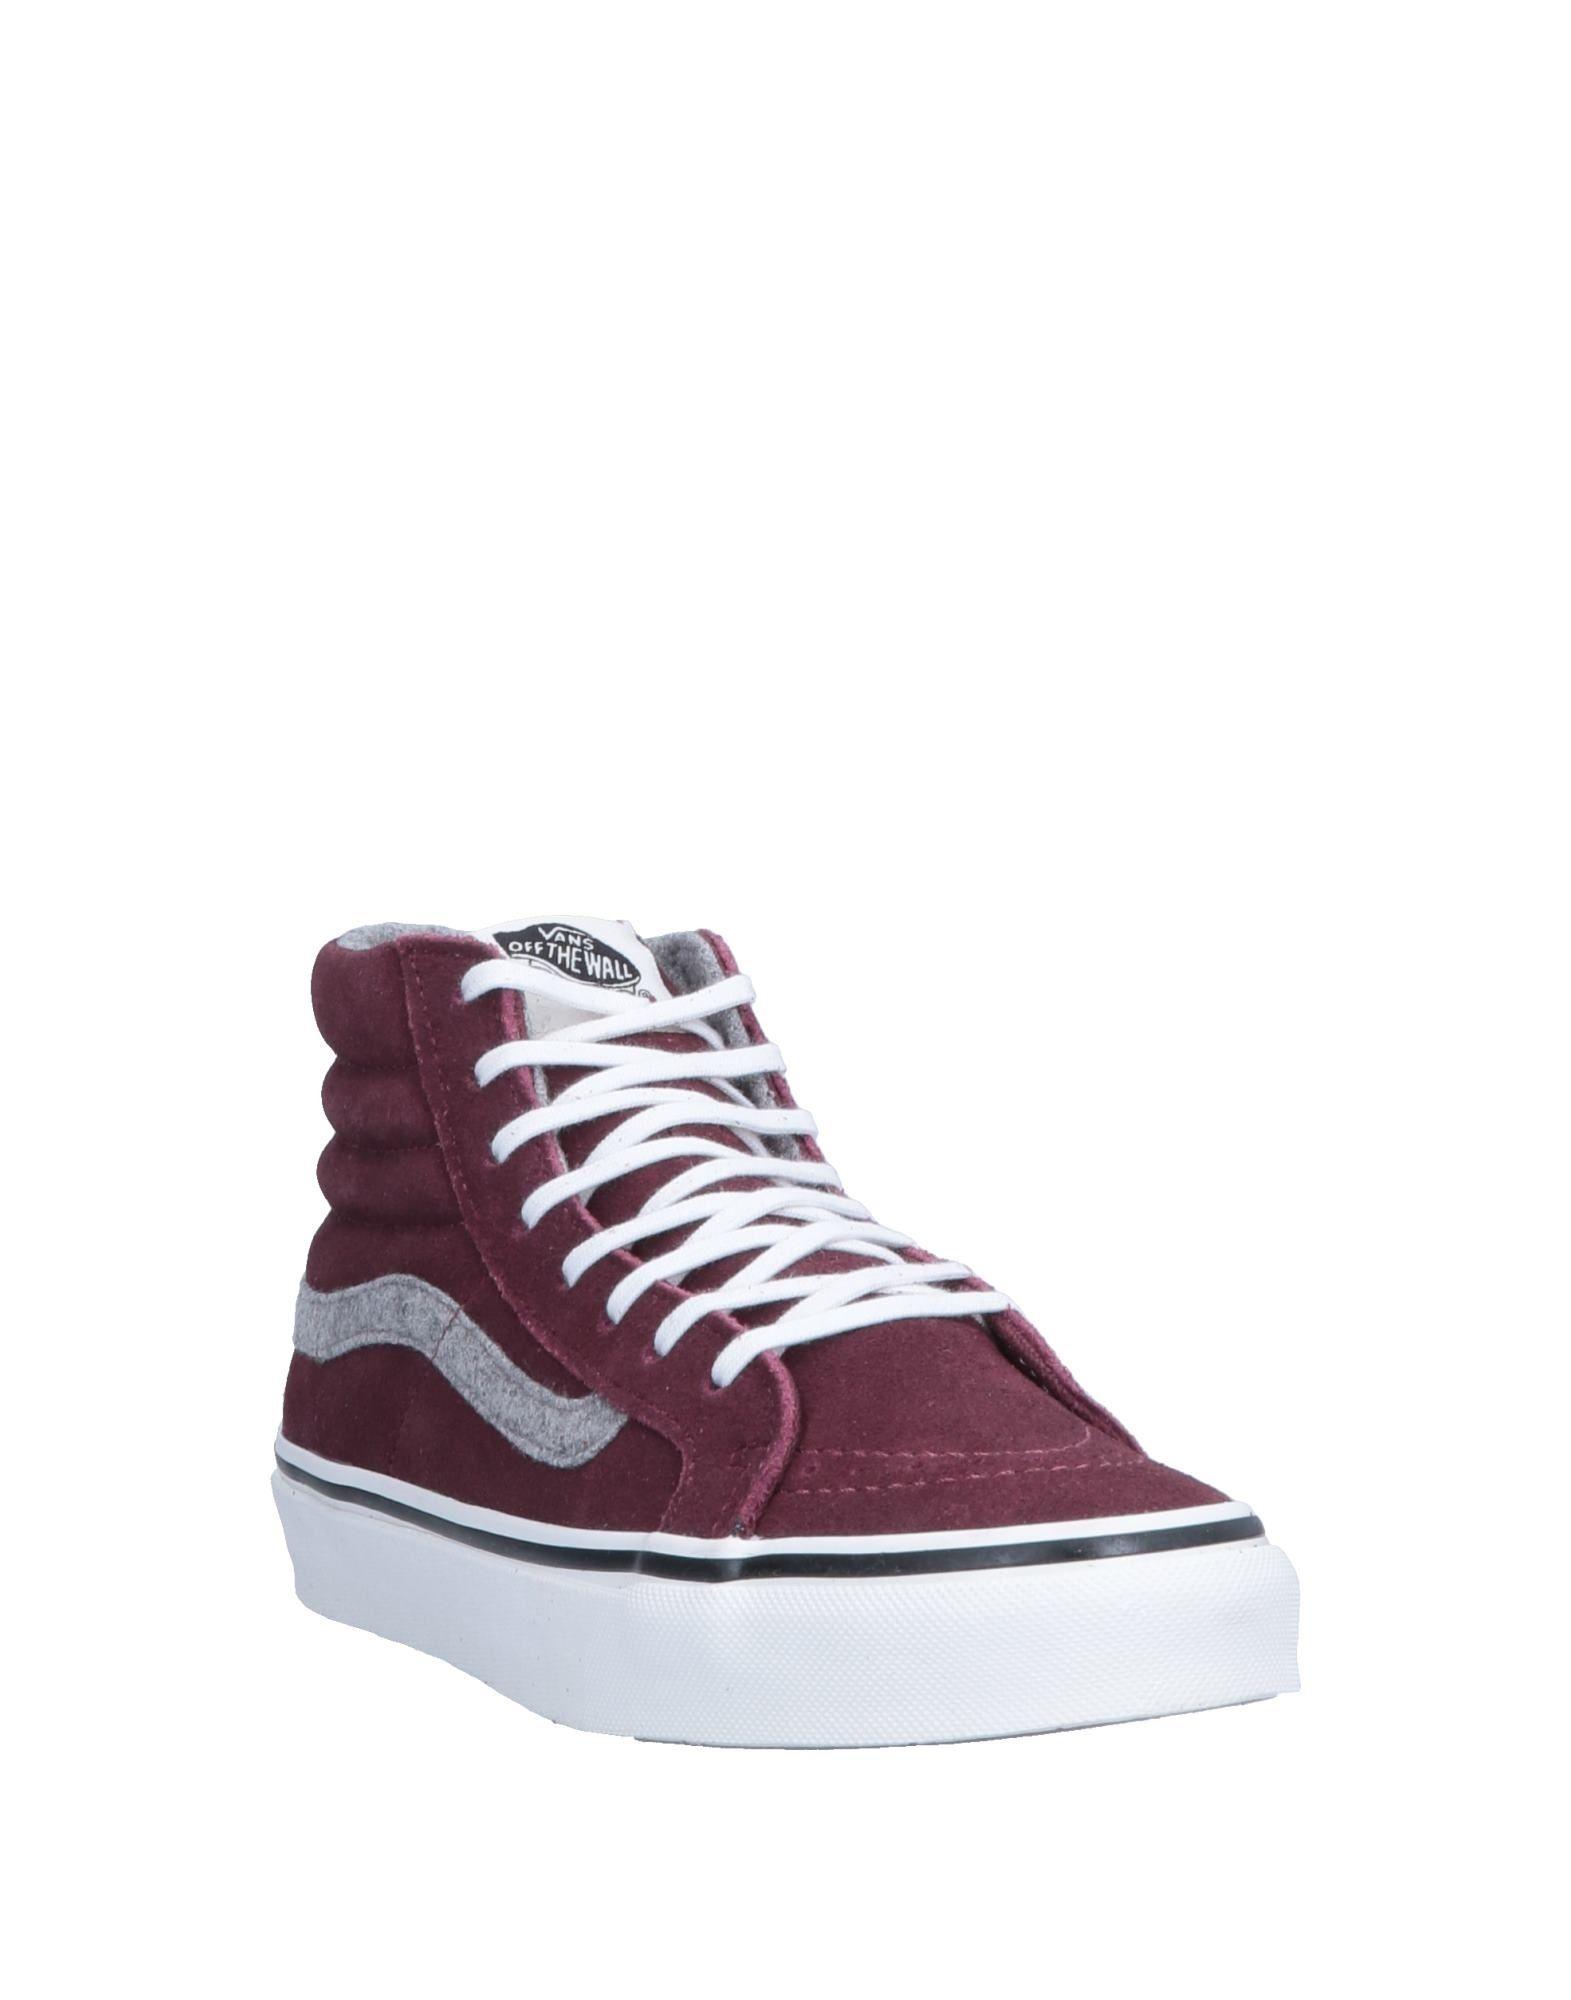 Vans Sneakers Damen Qualität  11554878UA Gute Qualität Damen beliebte Schuhe bd218a